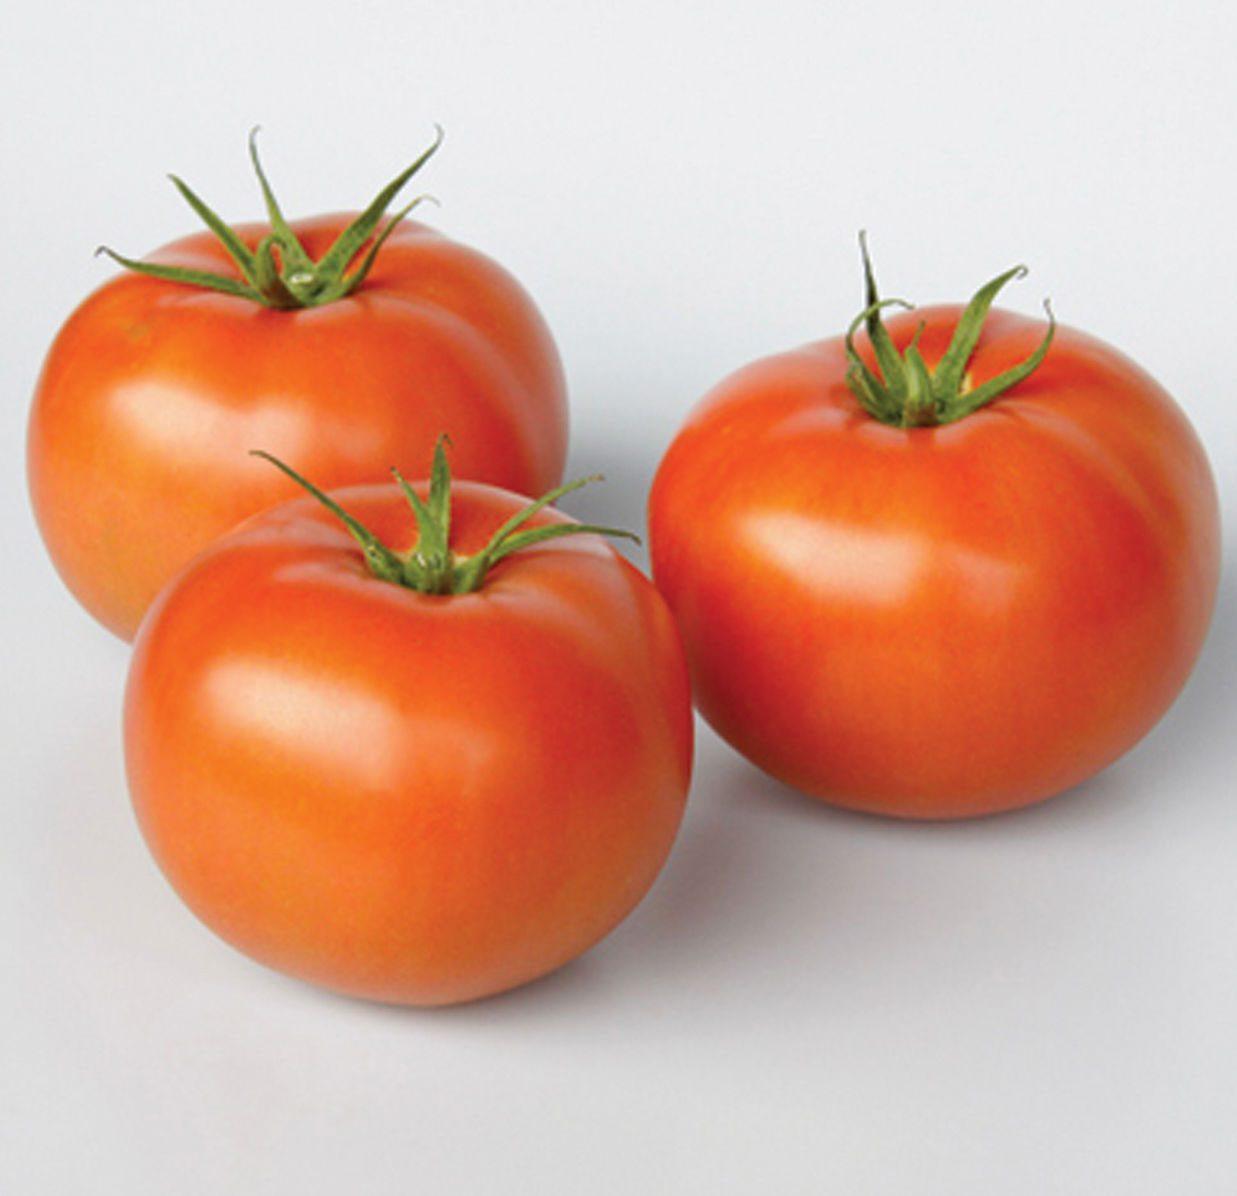 Frederik Tomato